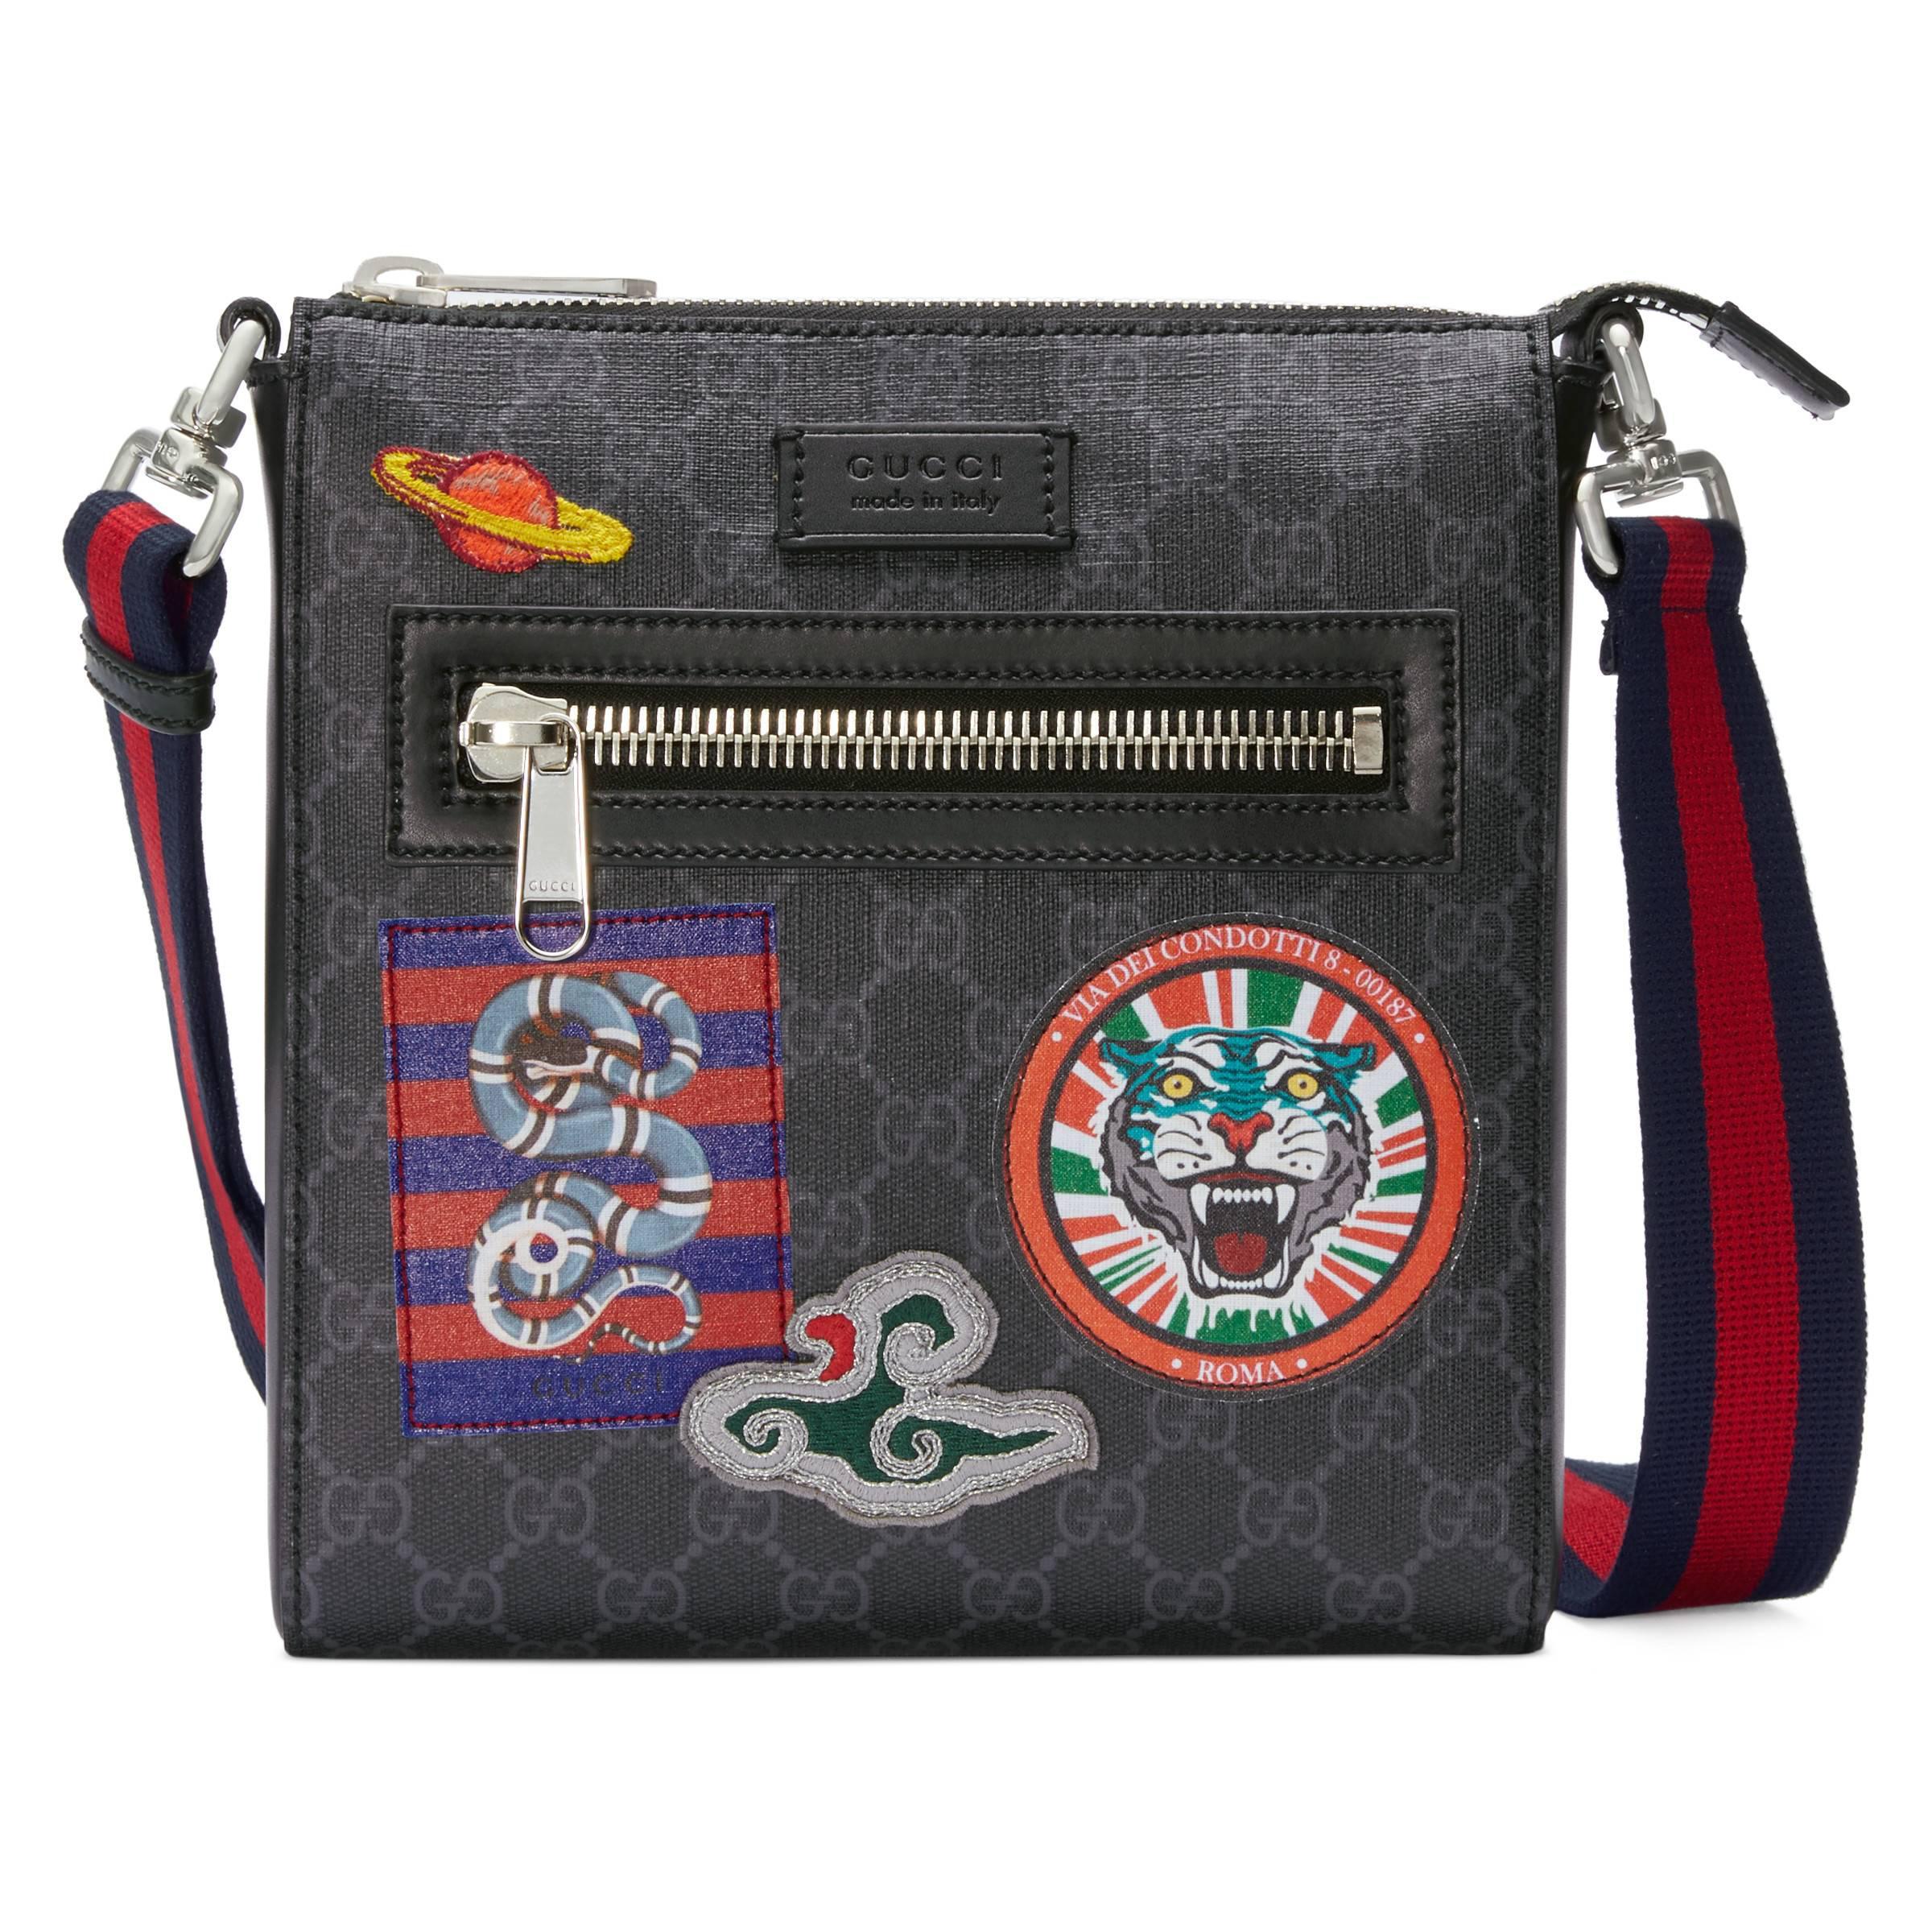 c73e4643320 Gucci - Black Sac à bandoulière en toile Suprême GG à motifs Night Courrier  for Men. Afficher en plein écran